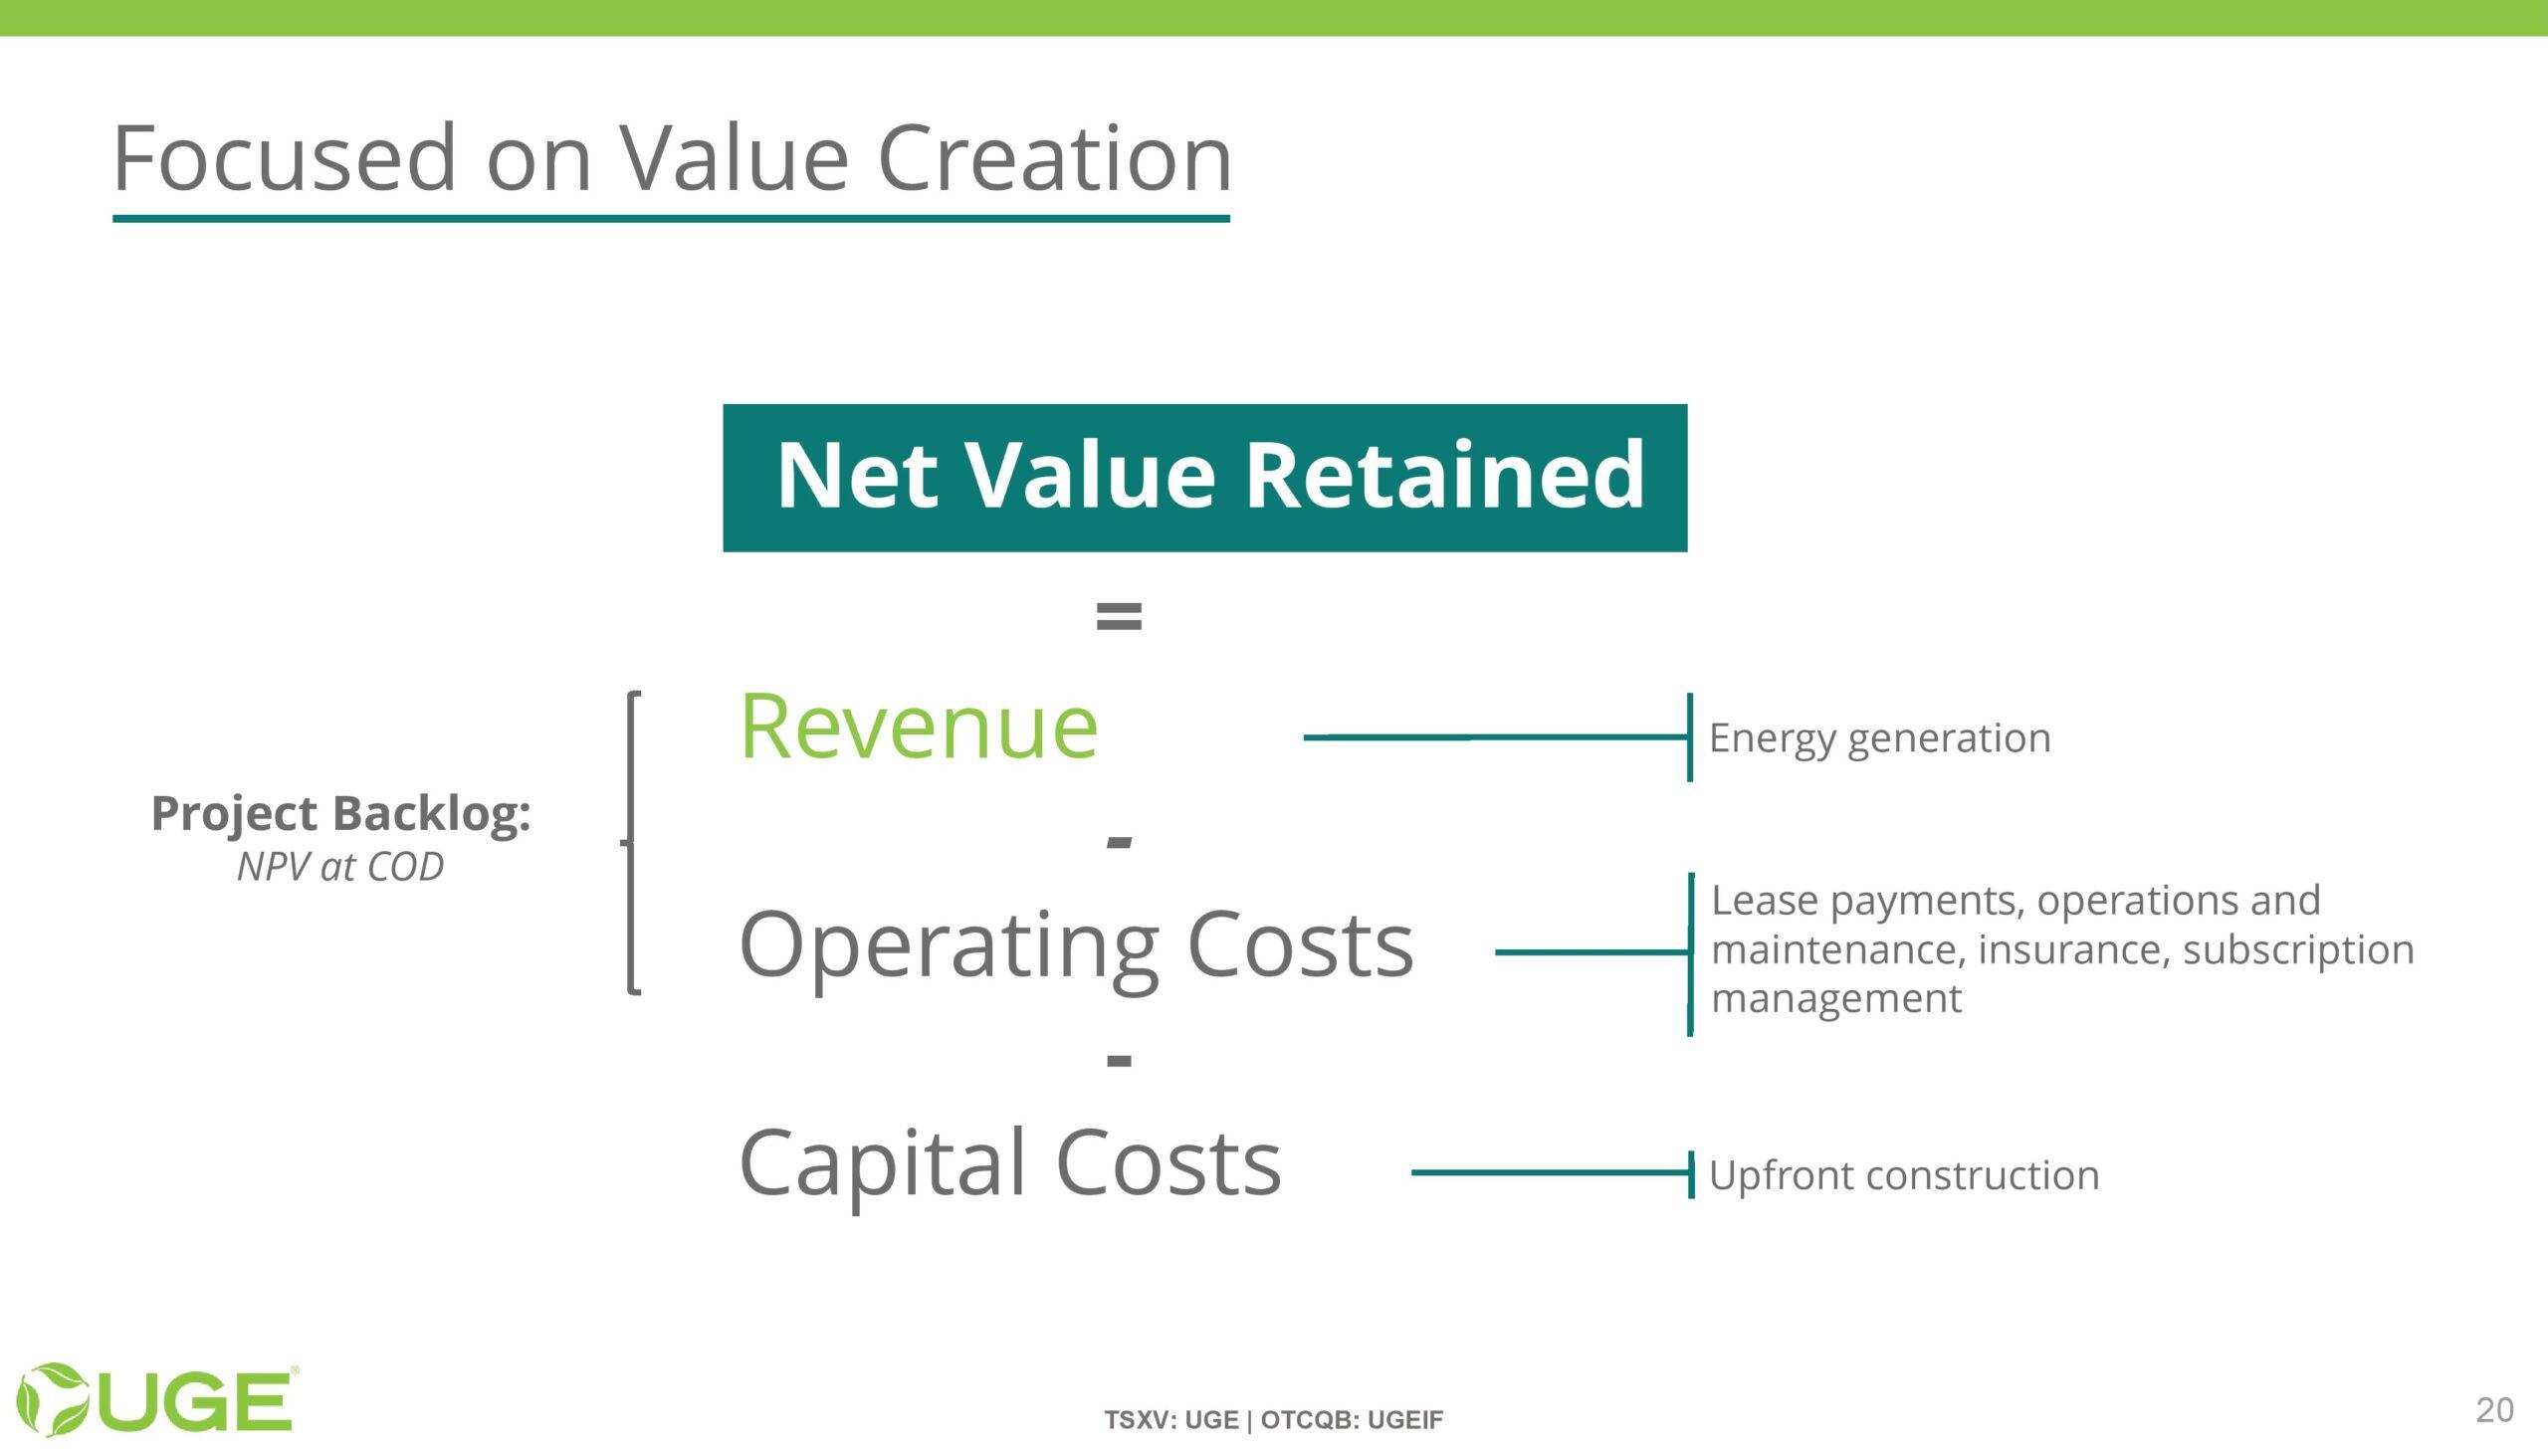 UGE Investor Presentation - 20211001-page-019